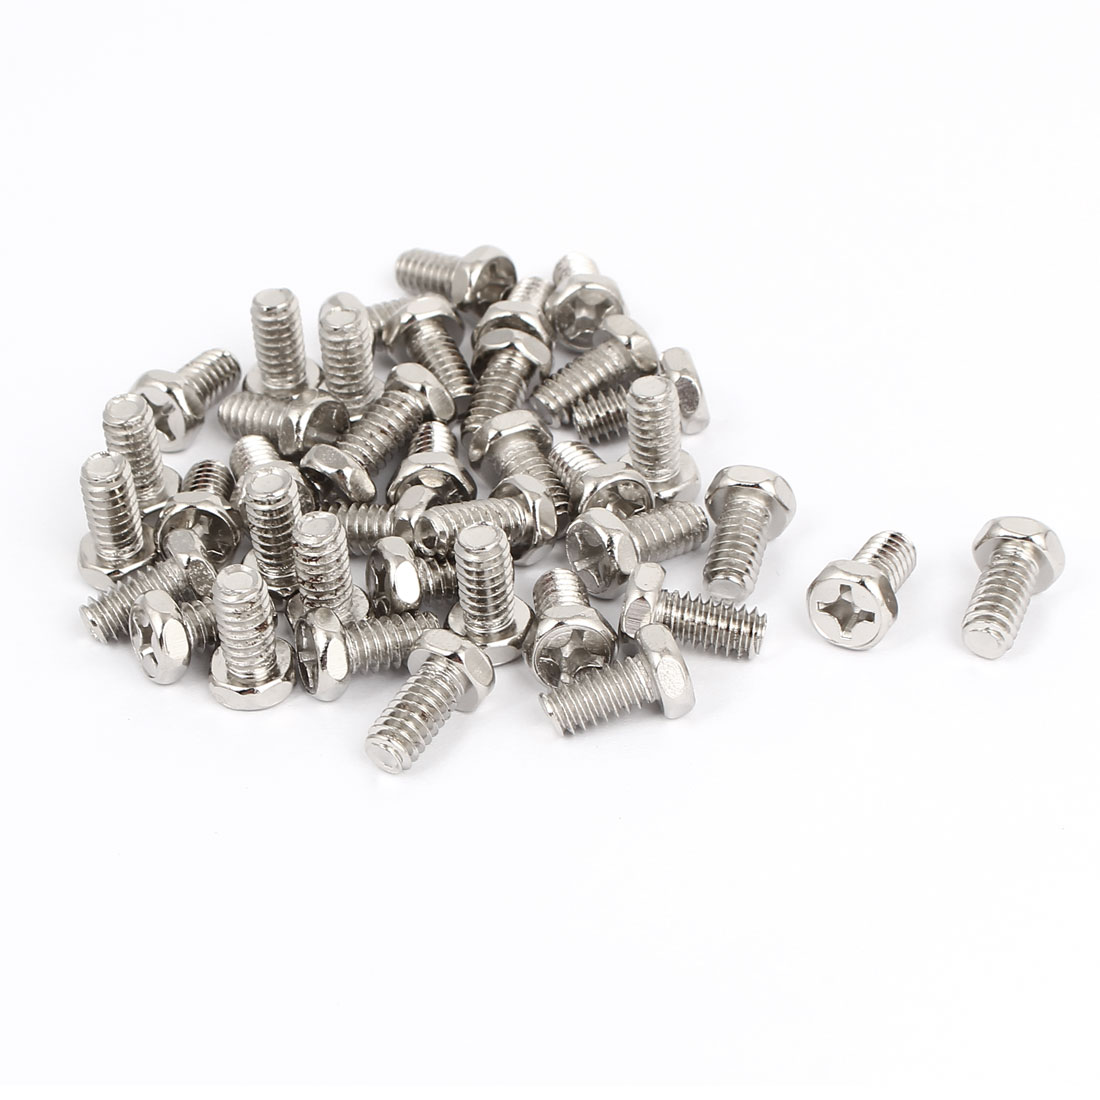 M6 x 12mm Hex Bolts Tap Phillips Head Screws Fastener Silver Tone 40pcs